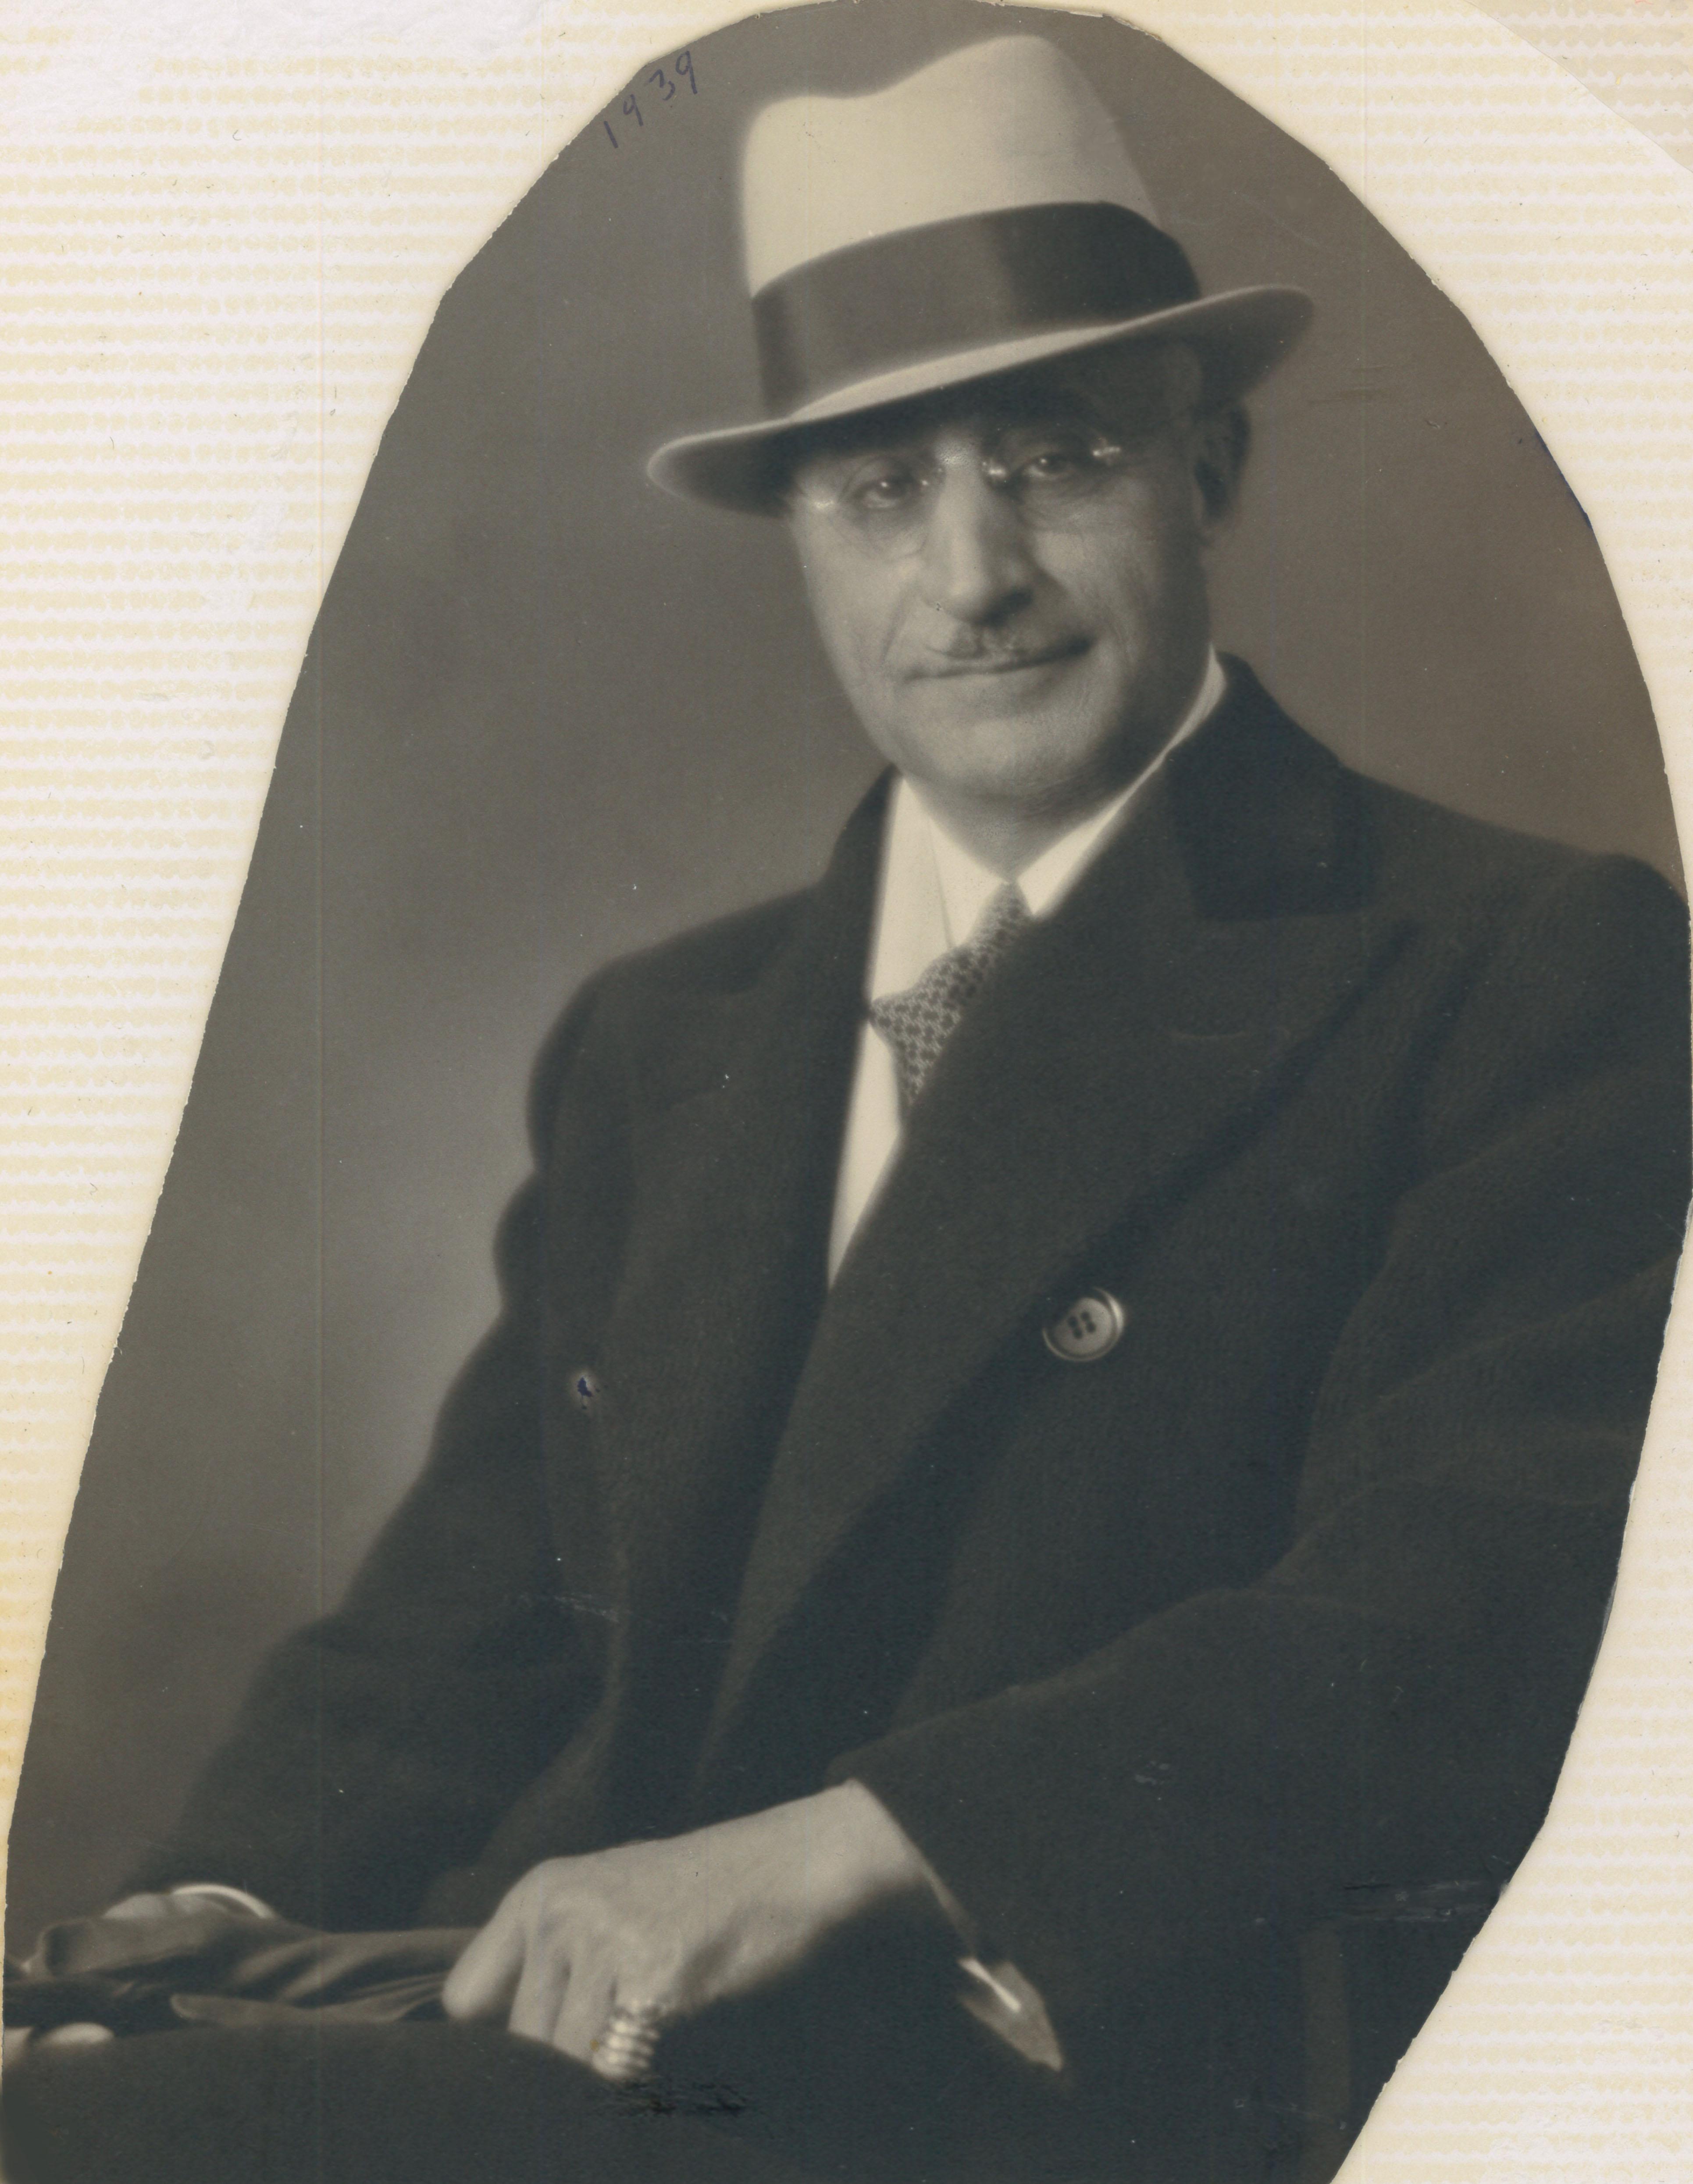 Portrait taille de Georges Farah-Lajoie vers la fin de sa vie